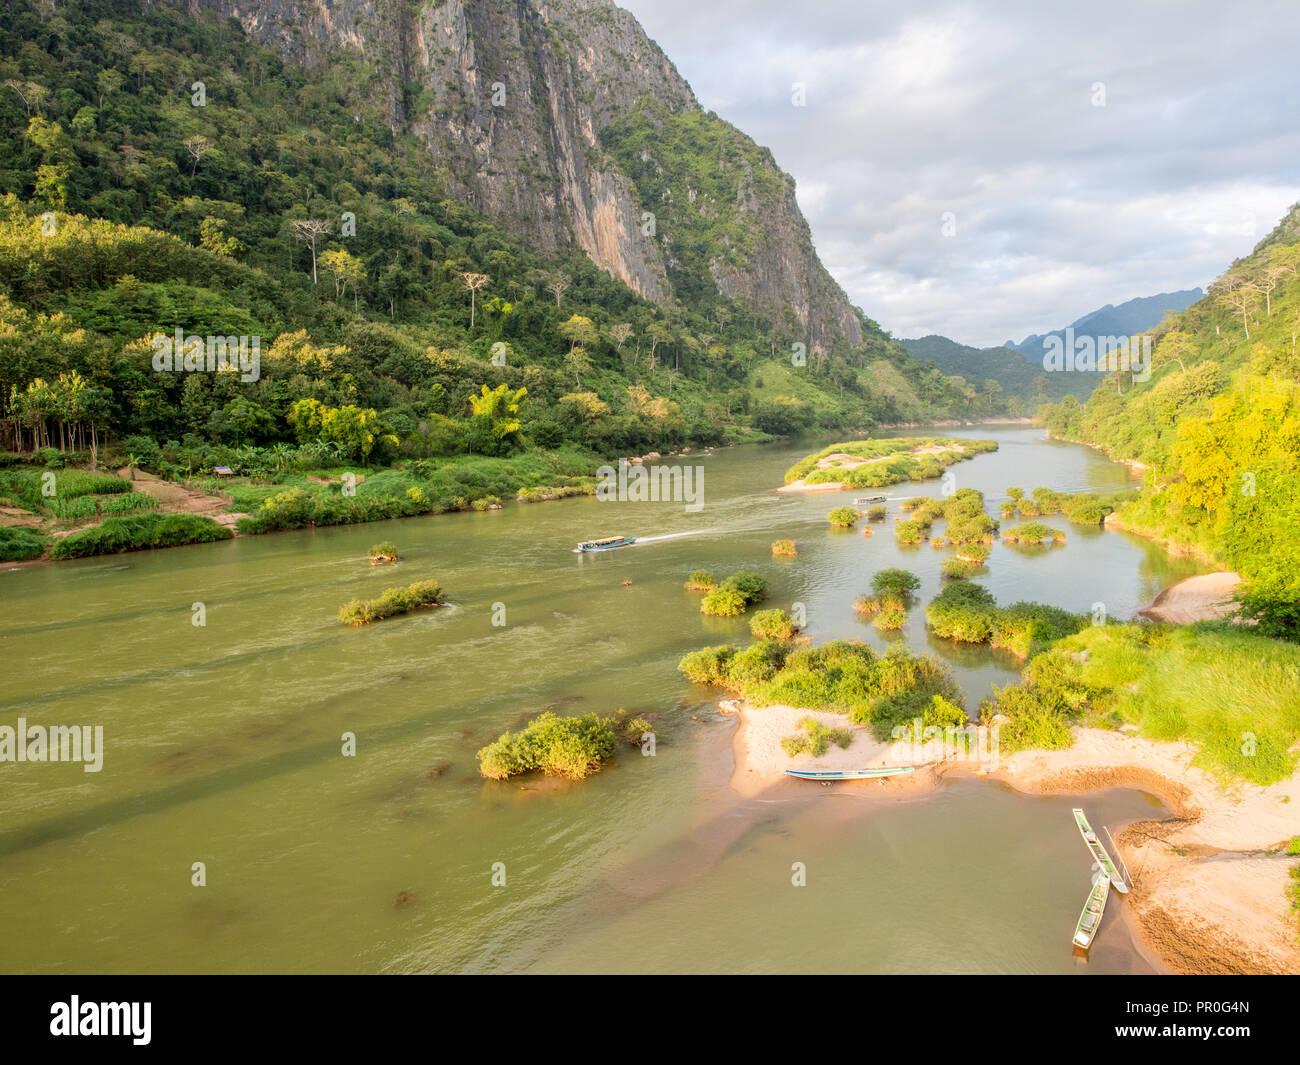 Vista sulle montagne e il fiume Nam Ou Nong Khiaw, Laos, Indocina, Asia sud-orientale, Asia Immagini Stock